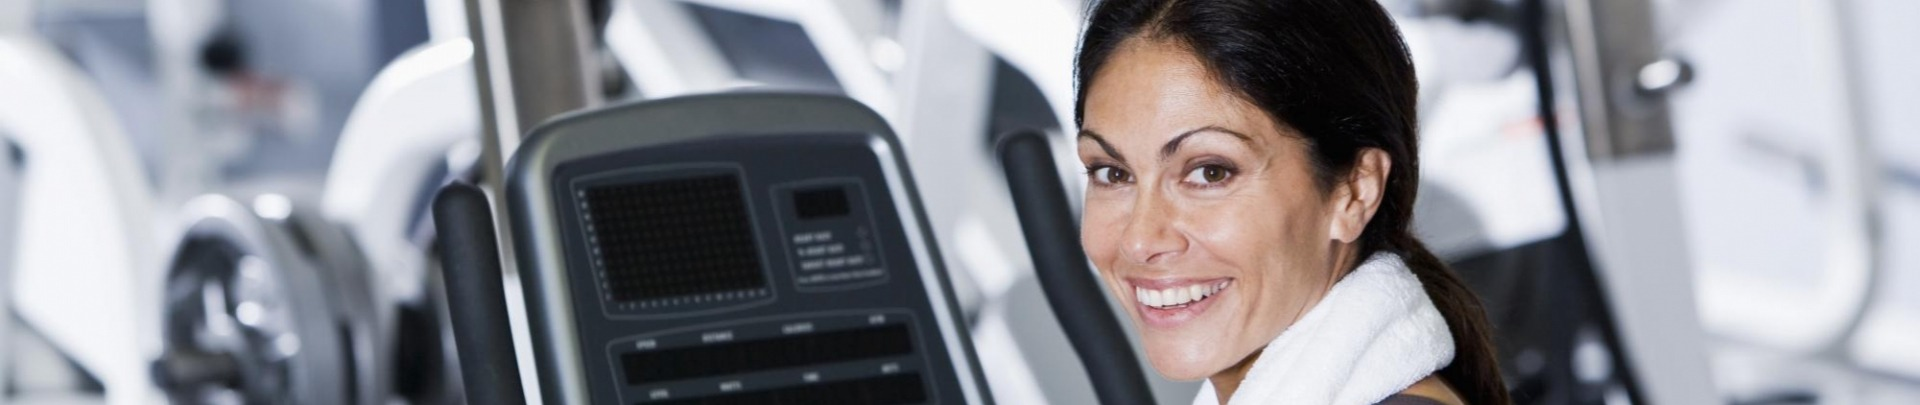 Vrouw zit met handdoek om op de sportschool